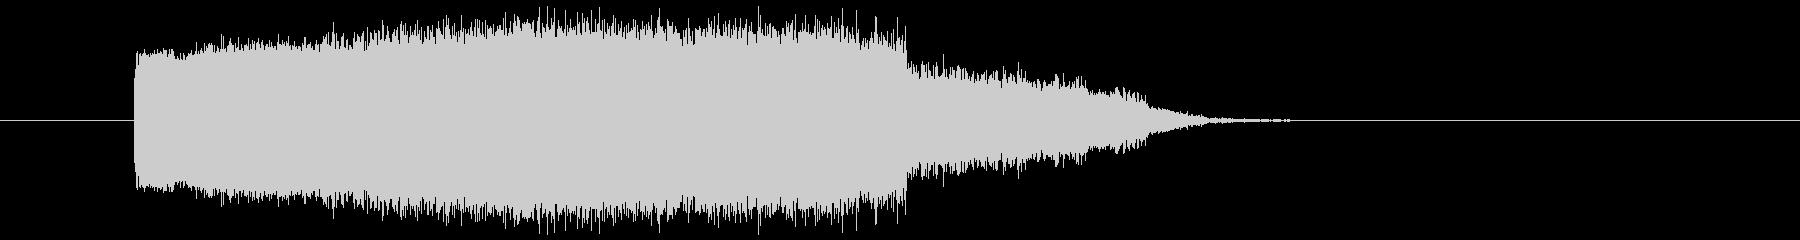 ブーストスイープバージョン4の未再生の波形